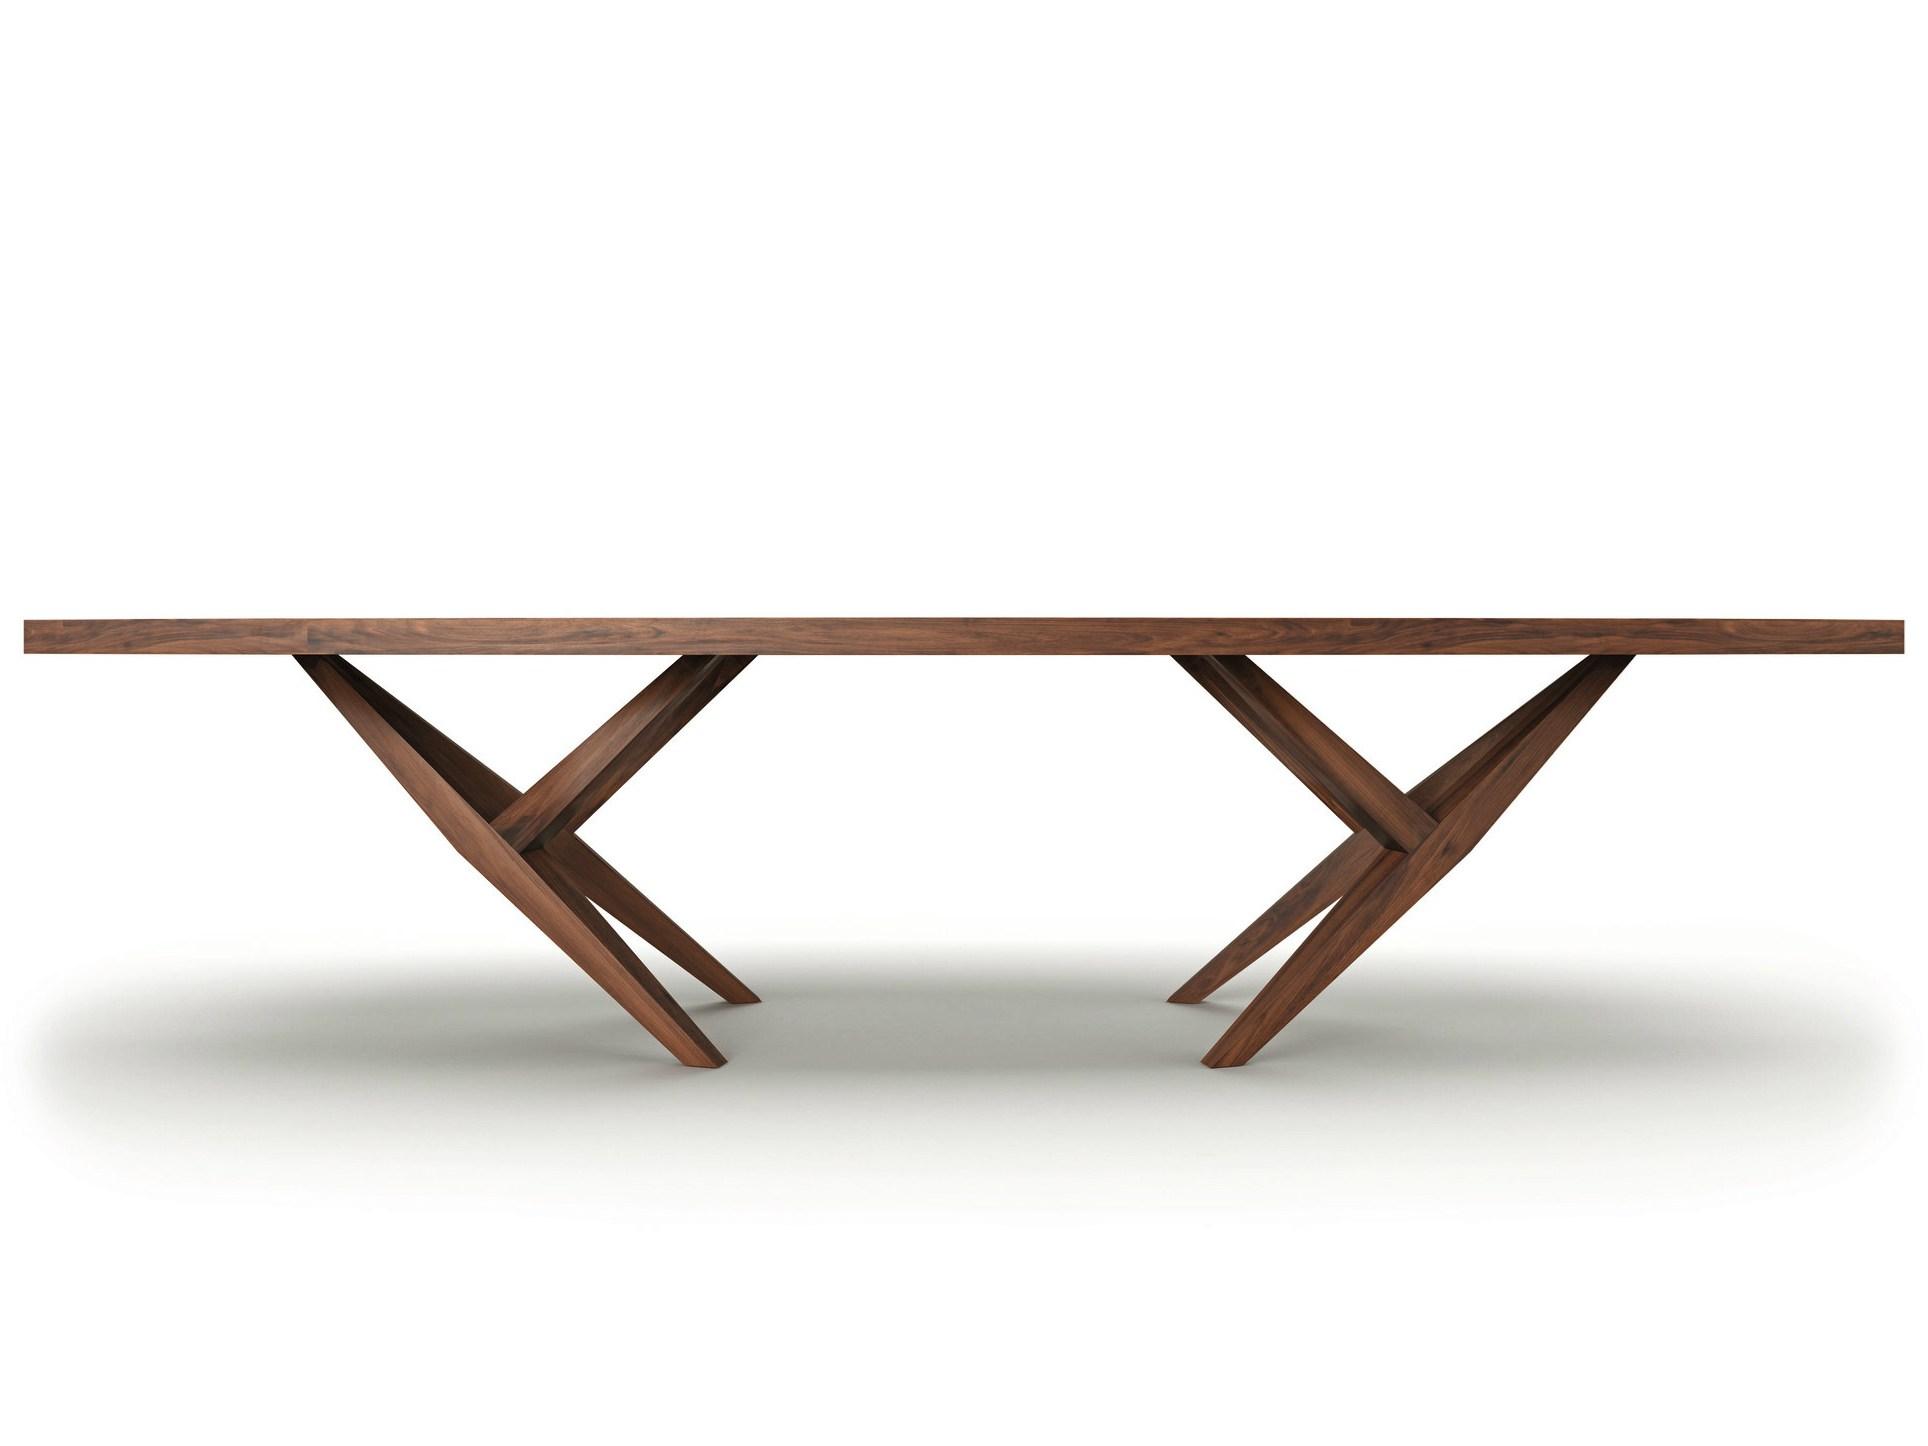 Interior Innovation Award 2015 YORK Dining Table by Belfakto